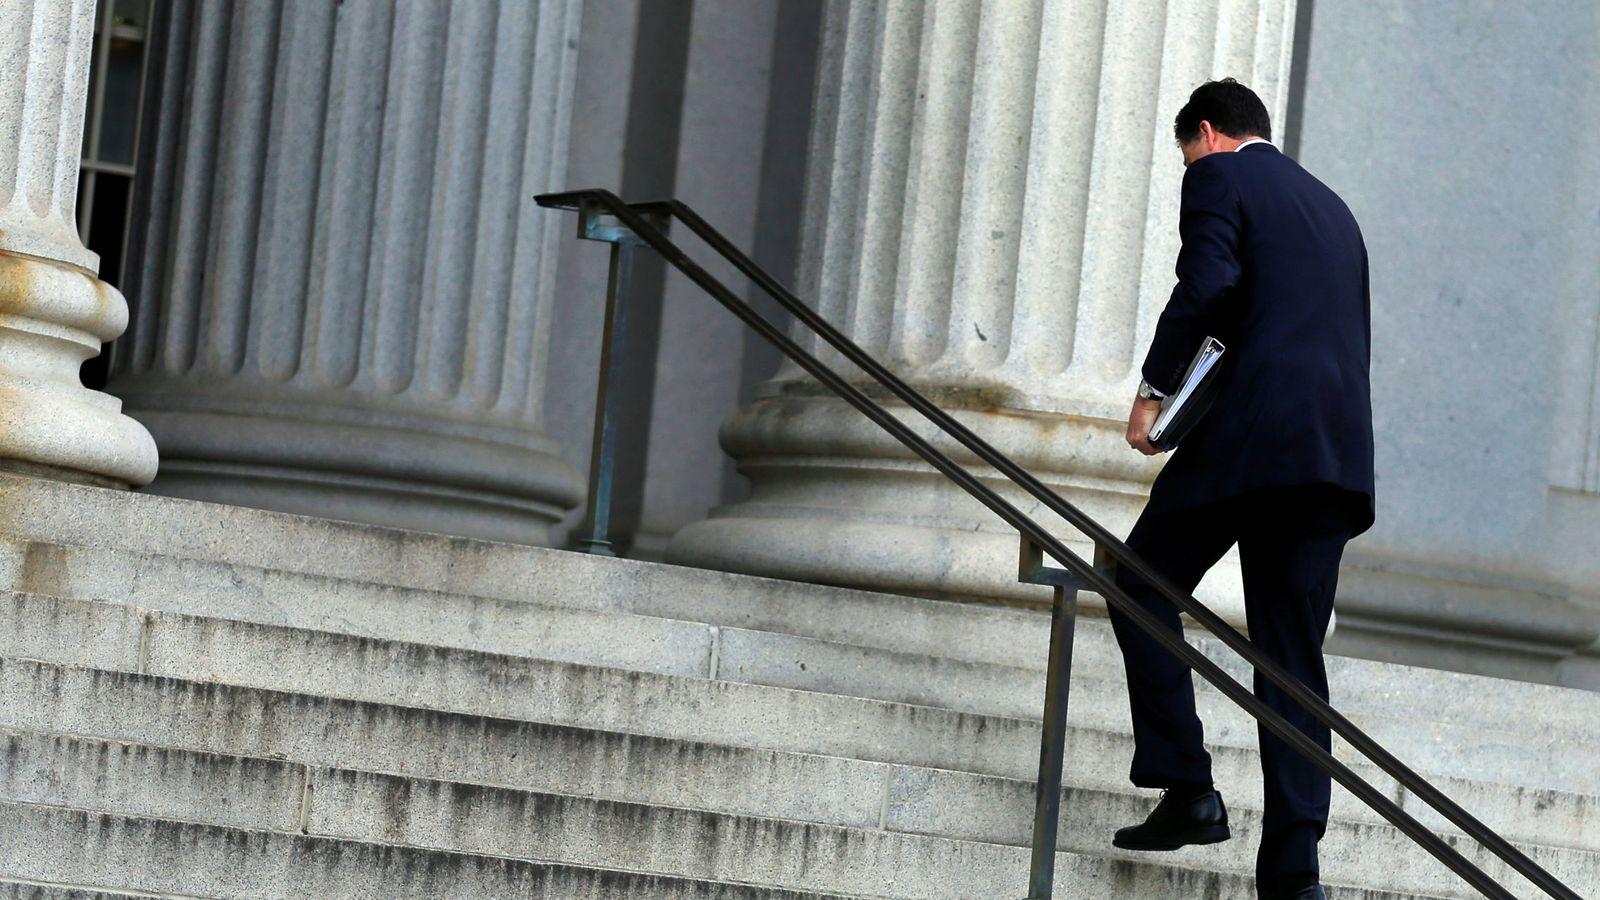 Foto: El director del FBI James Comey llega a una reunión con Obama en el Despartamento del Tesoro, el 14 de junio de 2016 (Reuters)